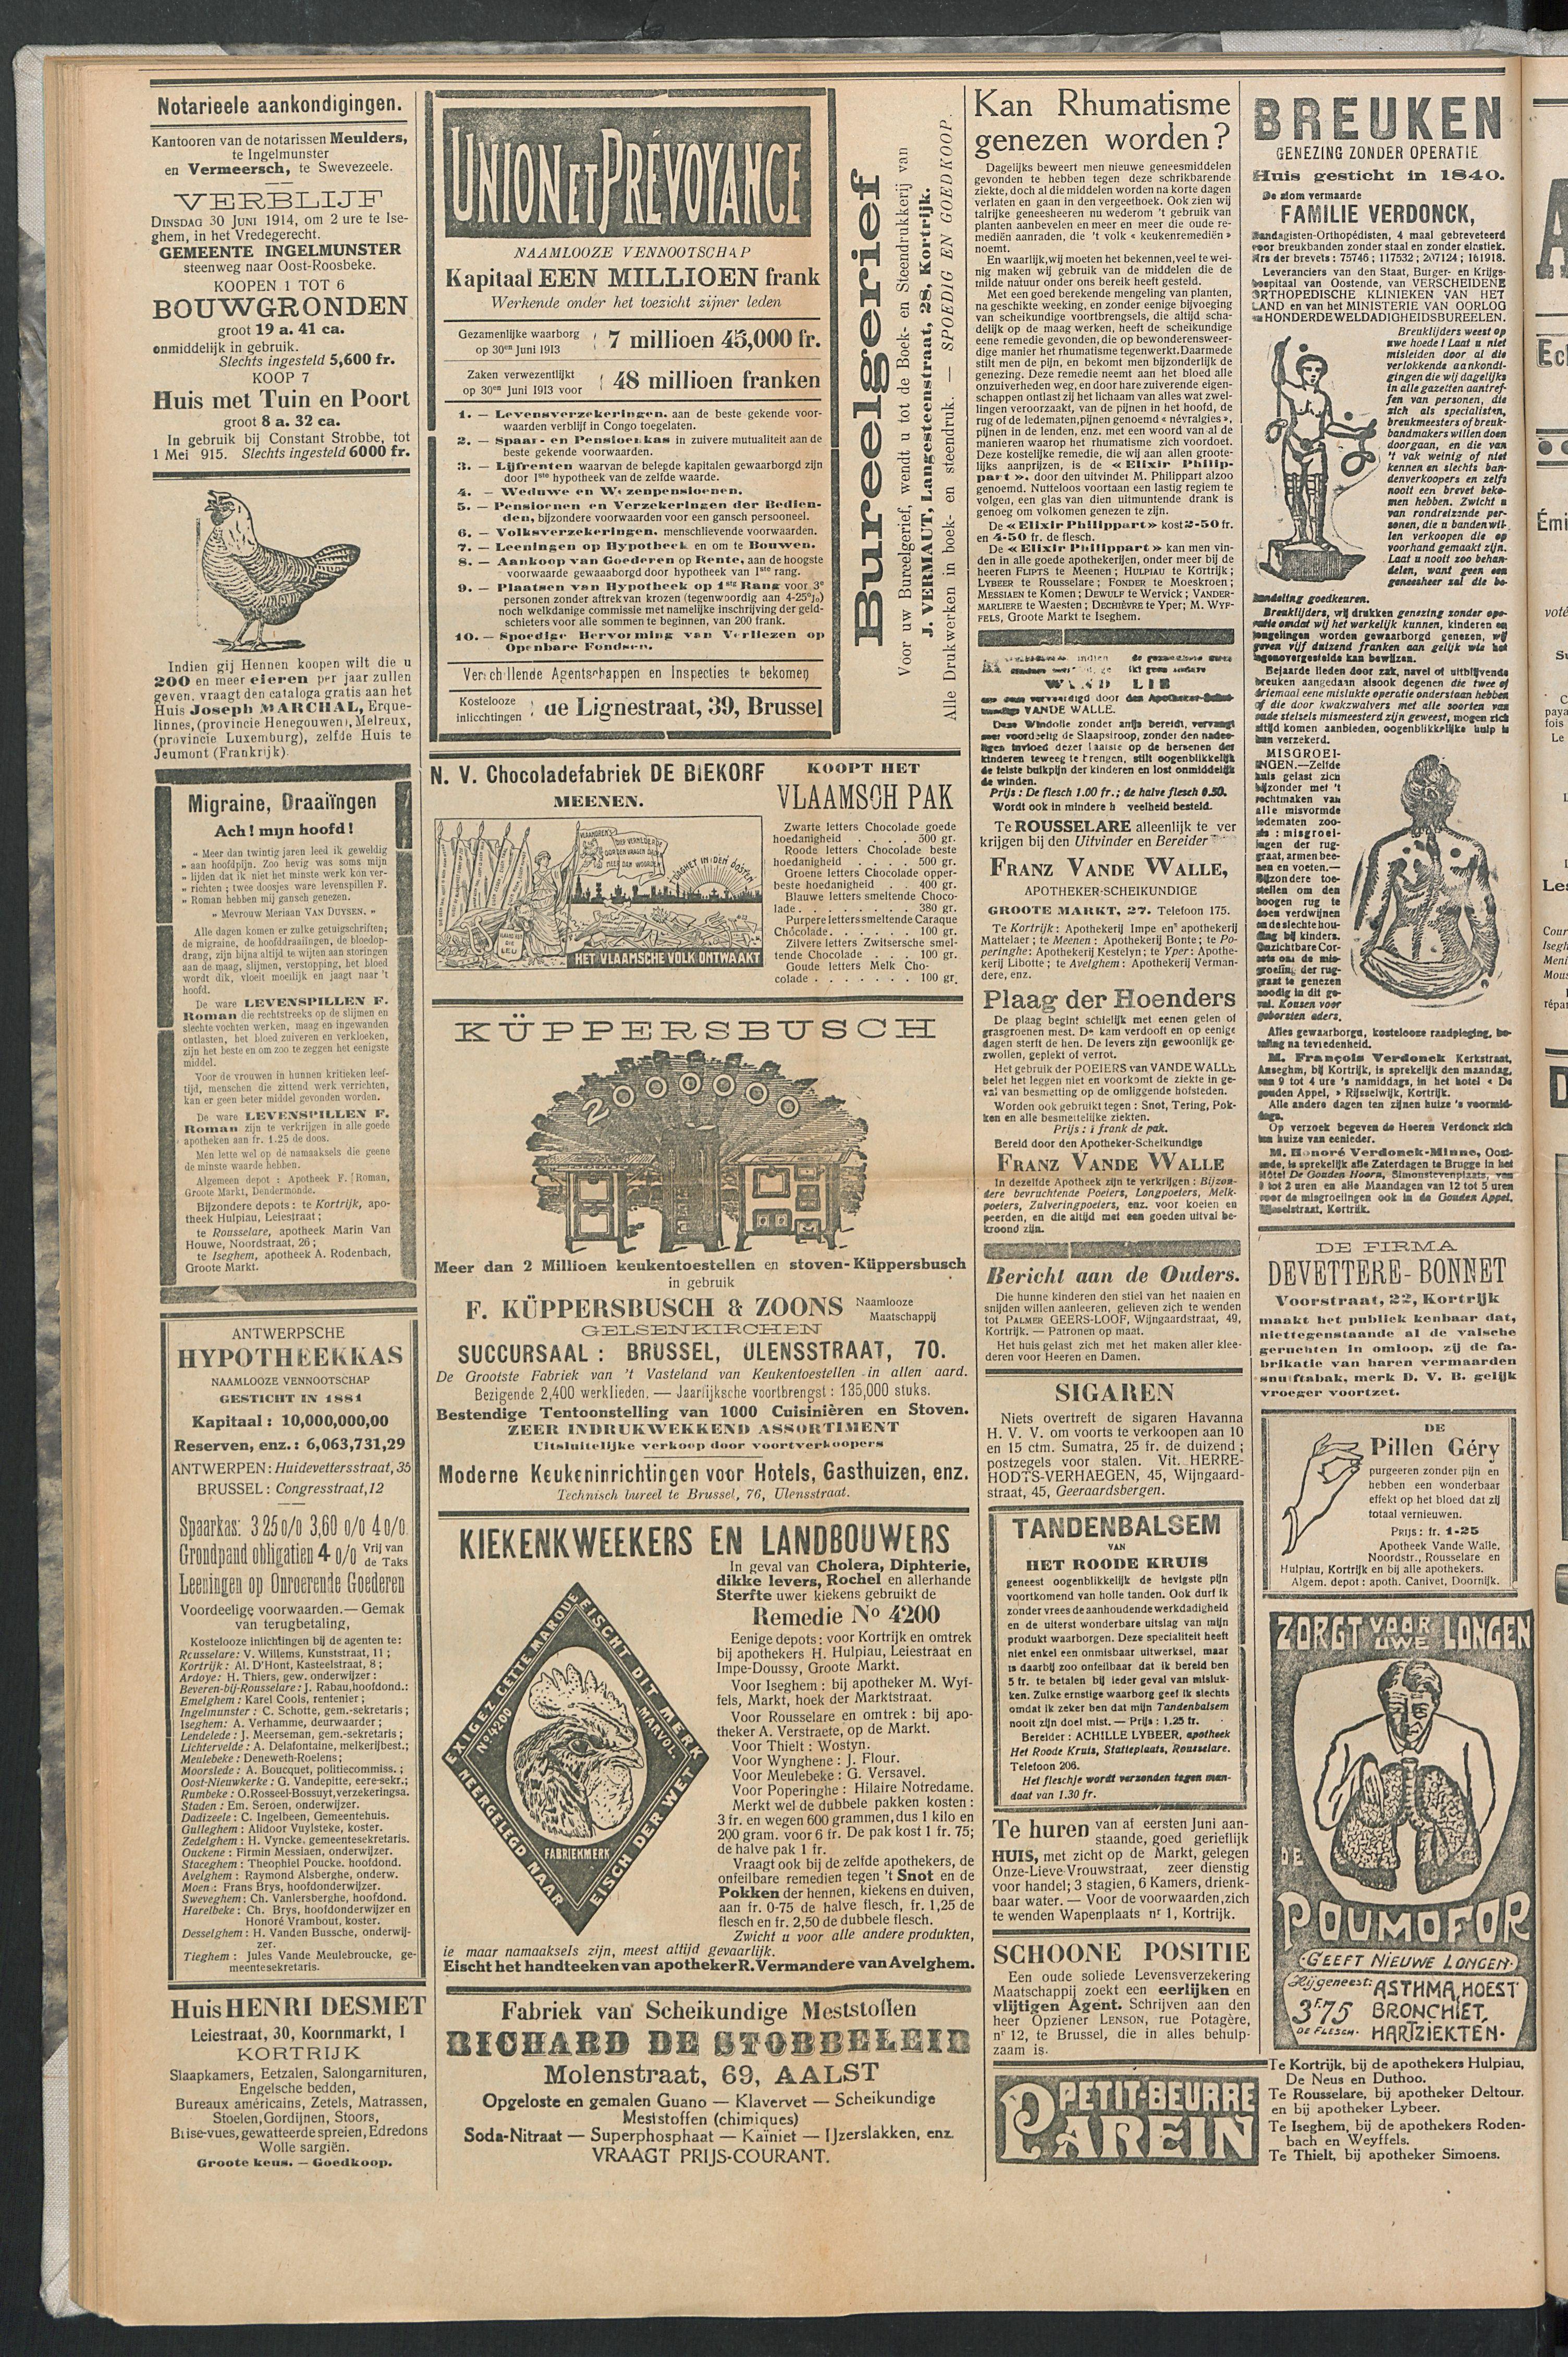 Het Kortrijksche Volk 1914-06-28 p6